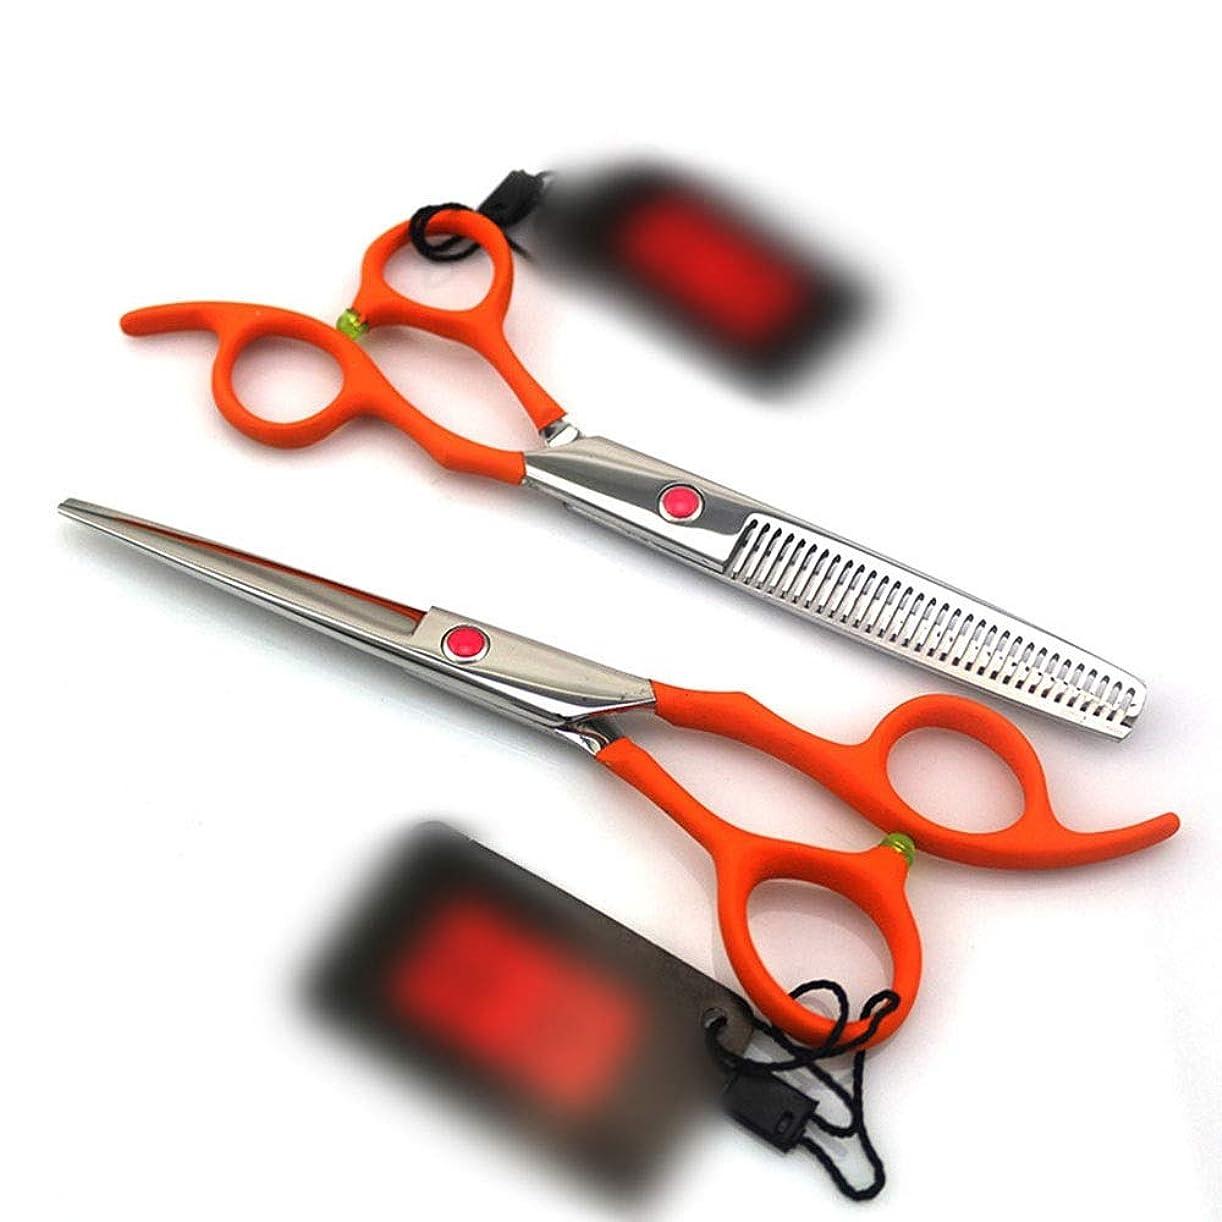 光沢お祝いバスト6.0インチのオレンジ専門の理髪はさみ、平らな+歯はさみの理髪用具セット モデリングツール (色 : オレンジ)